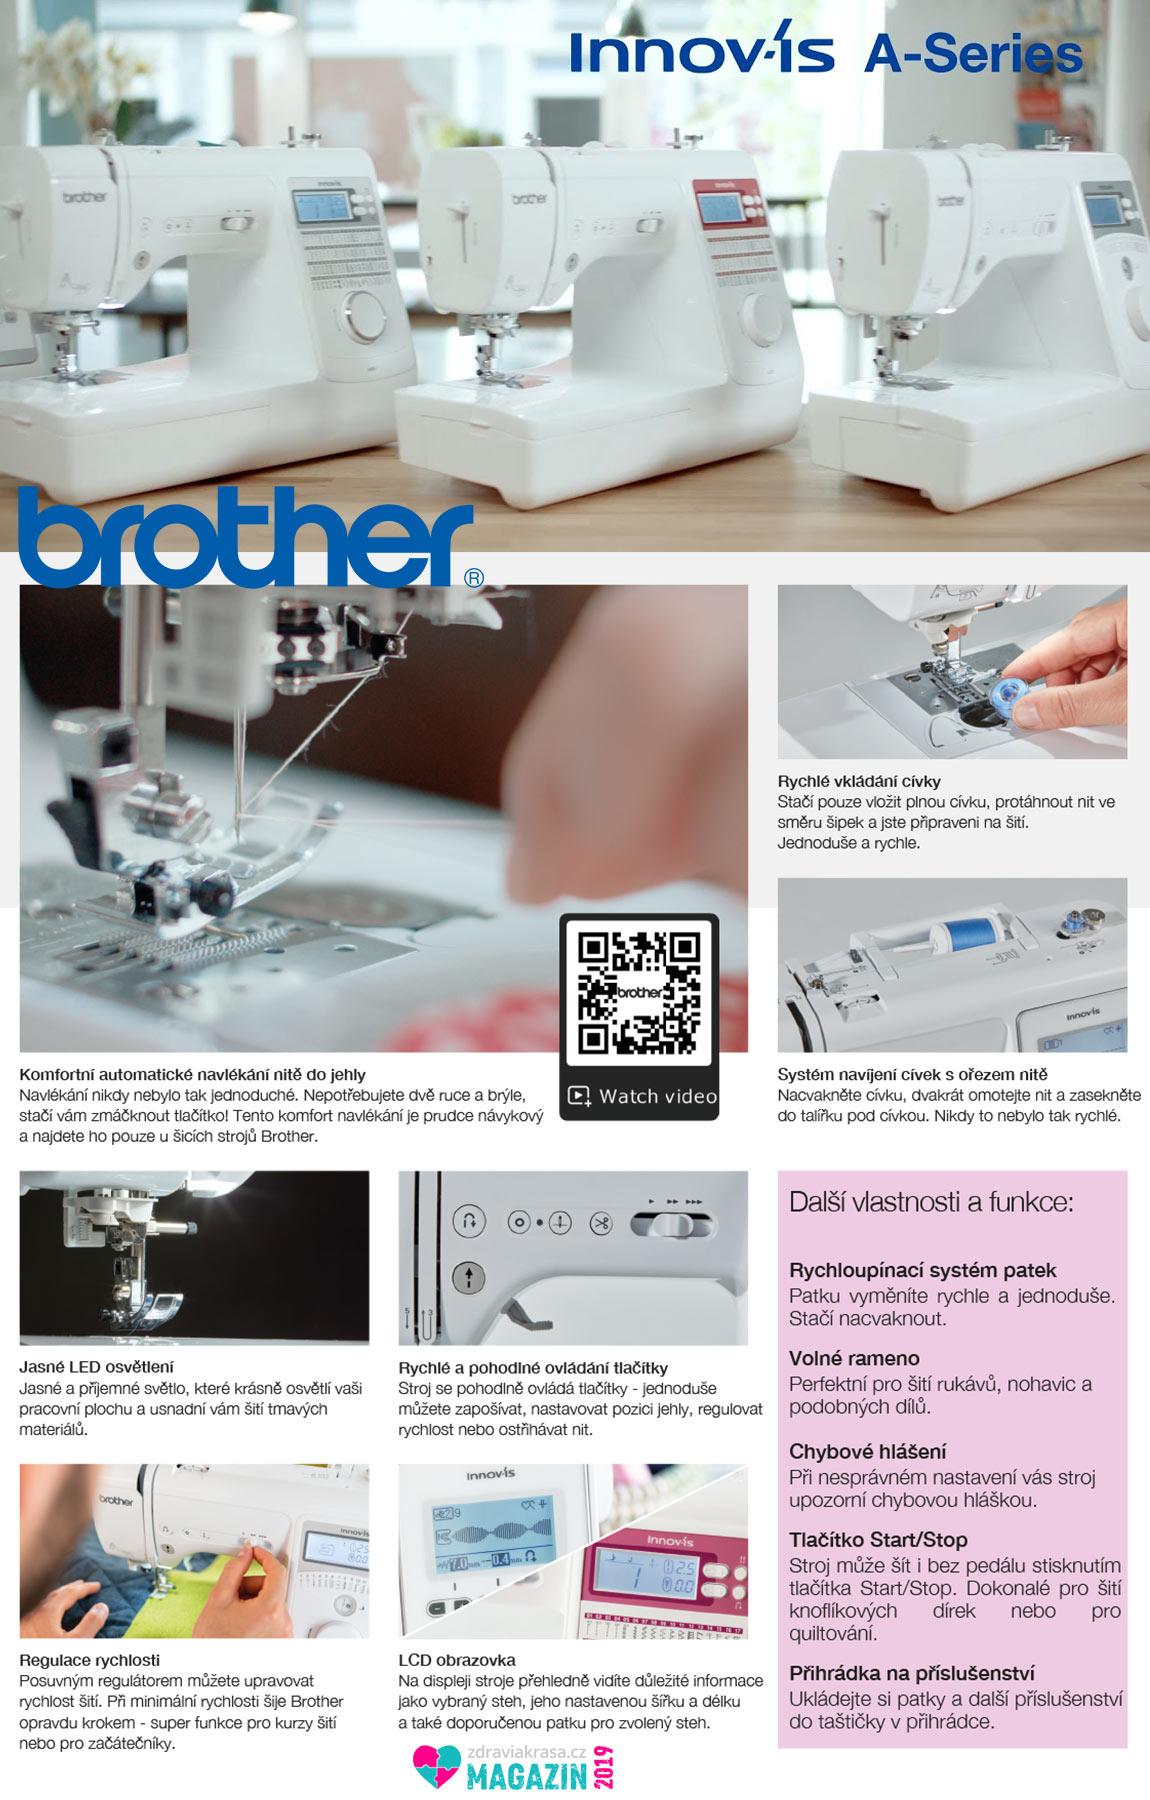 Zvažujete nákup nového šicího stroje? Šicí stroje Brother Innov-Is řady A-serie jsou novinkou, která rozhodně stojí za to. V ukázce z prospektu zjistíte více.